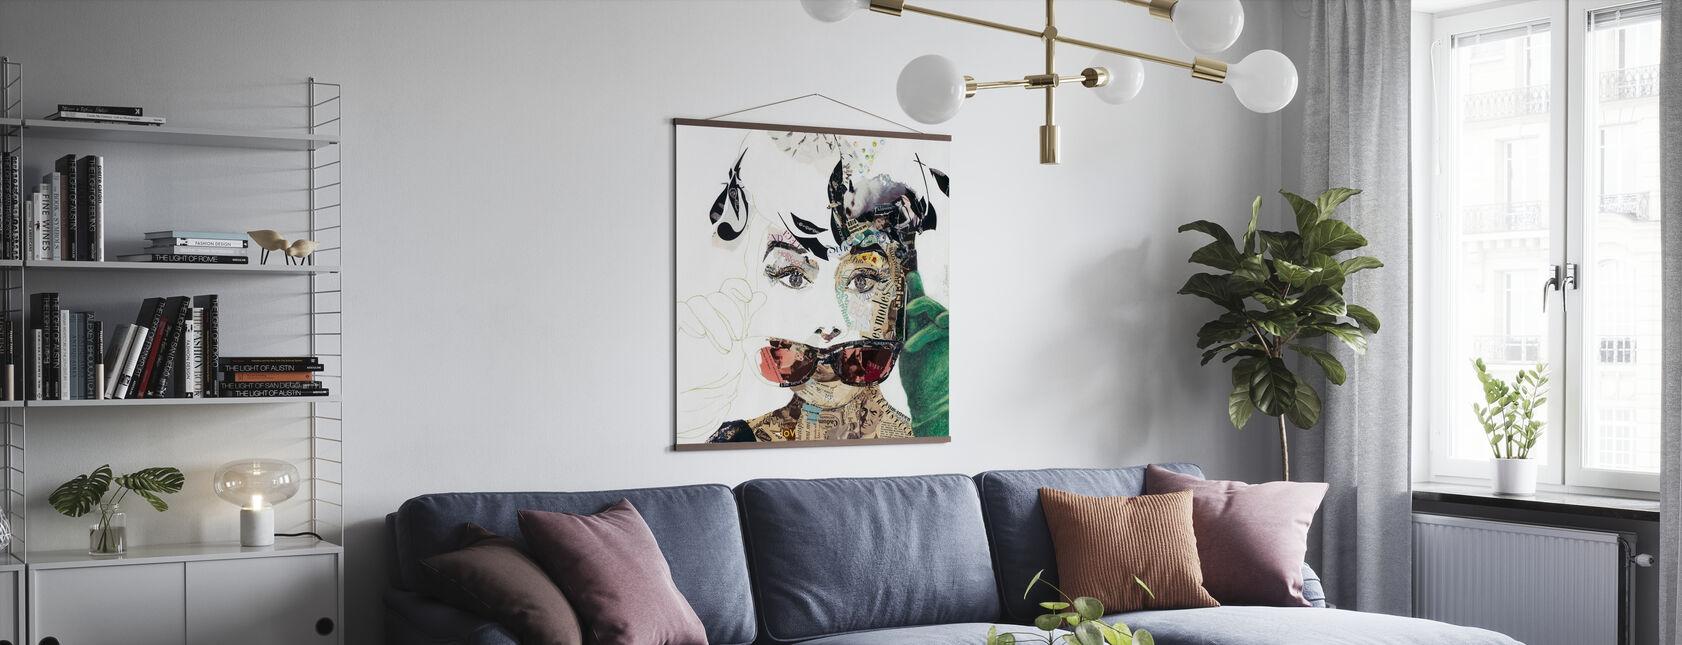 Desayuno en Tiffany's - Collage - Póster - Salón